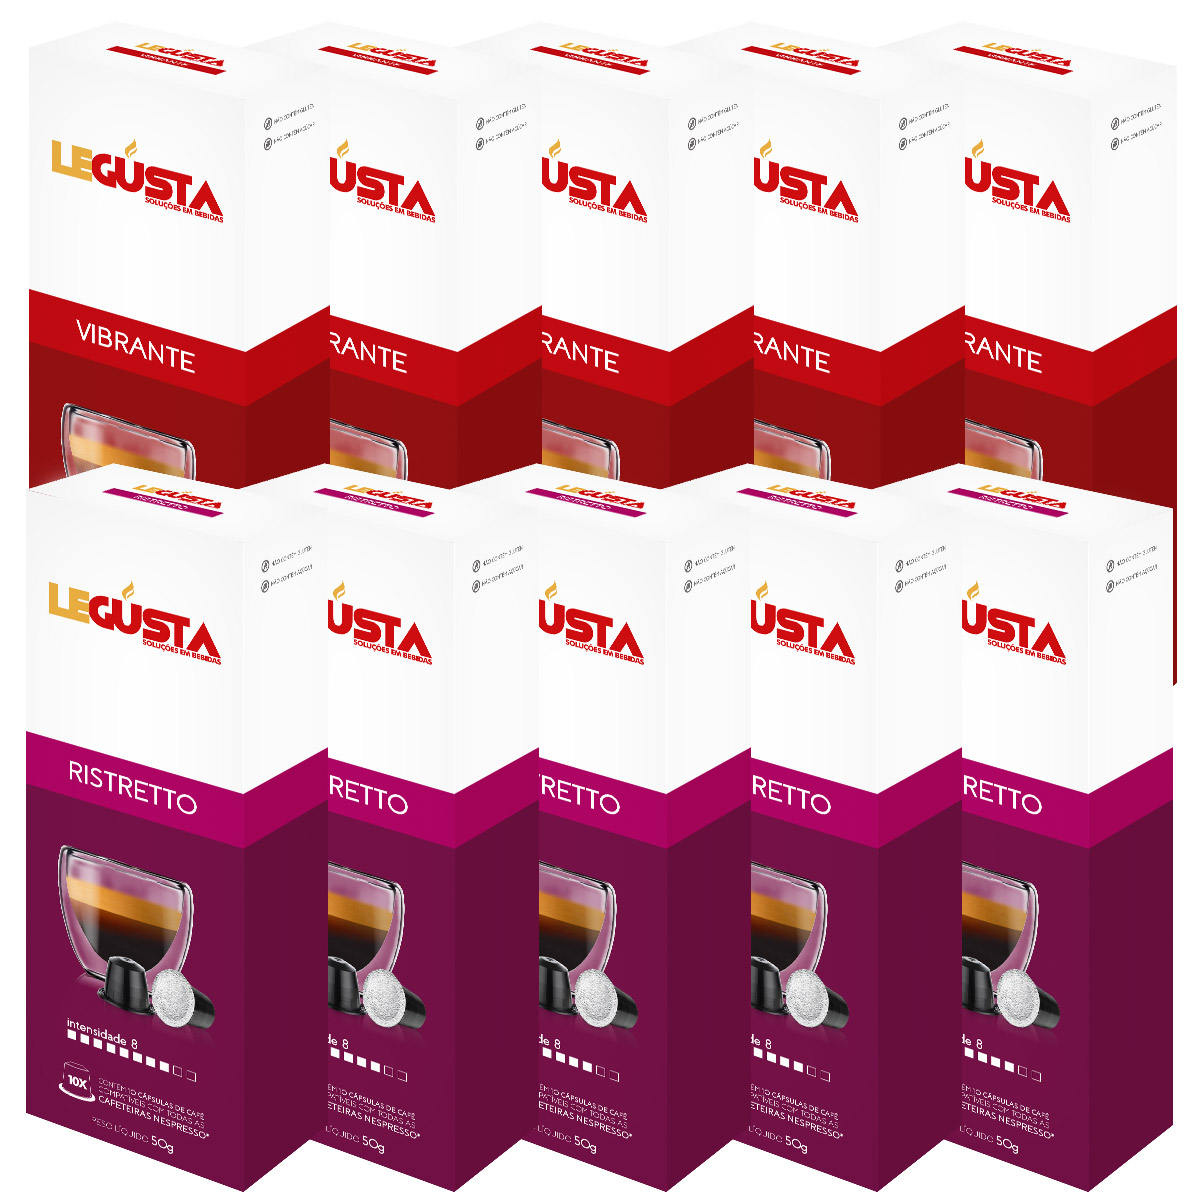 Kit Meu Legusta - Intenso - Compatíveis com Nespresso® - 100un.